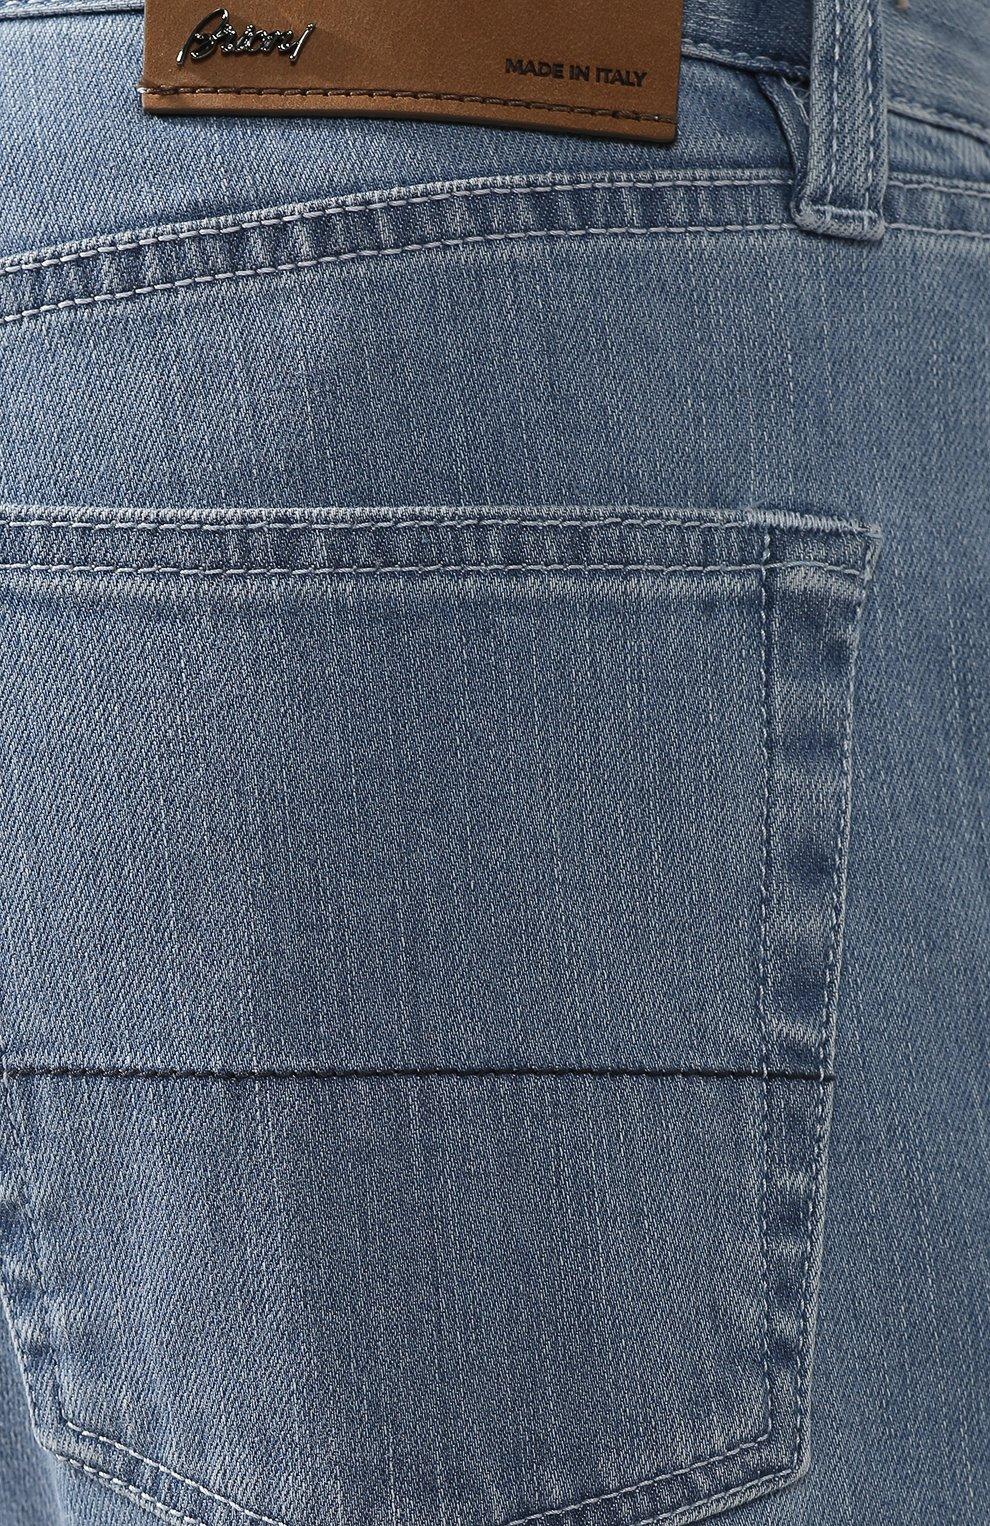 Мужские джинсы прямого кроя BRIONI голубого цвета, арт. SPNB0L/P8D22/C0RVARA | Фото 5